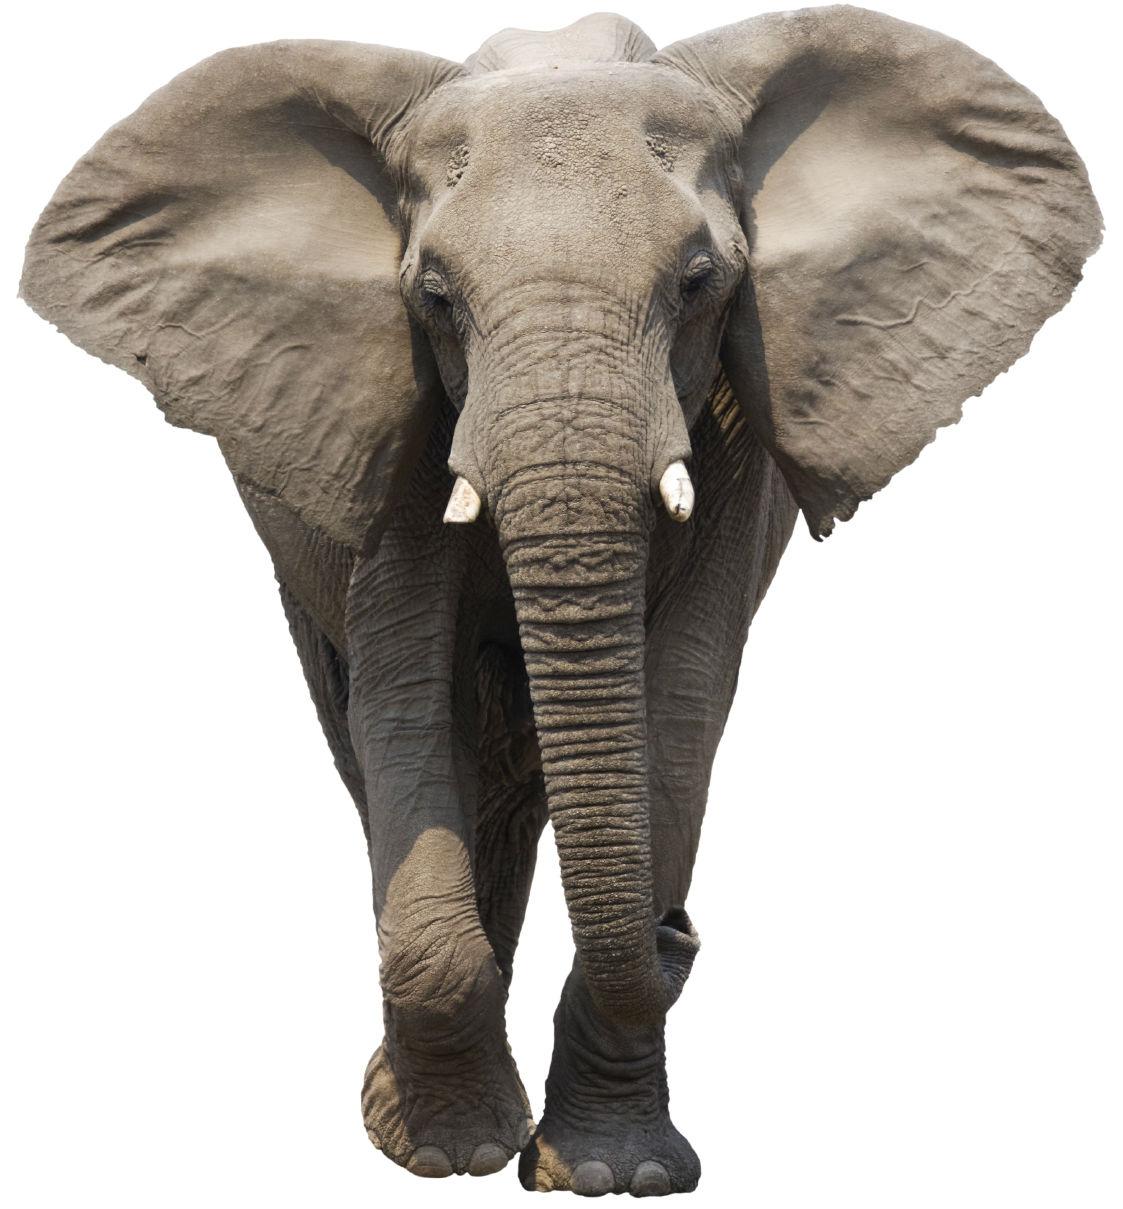 Elephant | Free Images at Clker.com - vector clip art ...